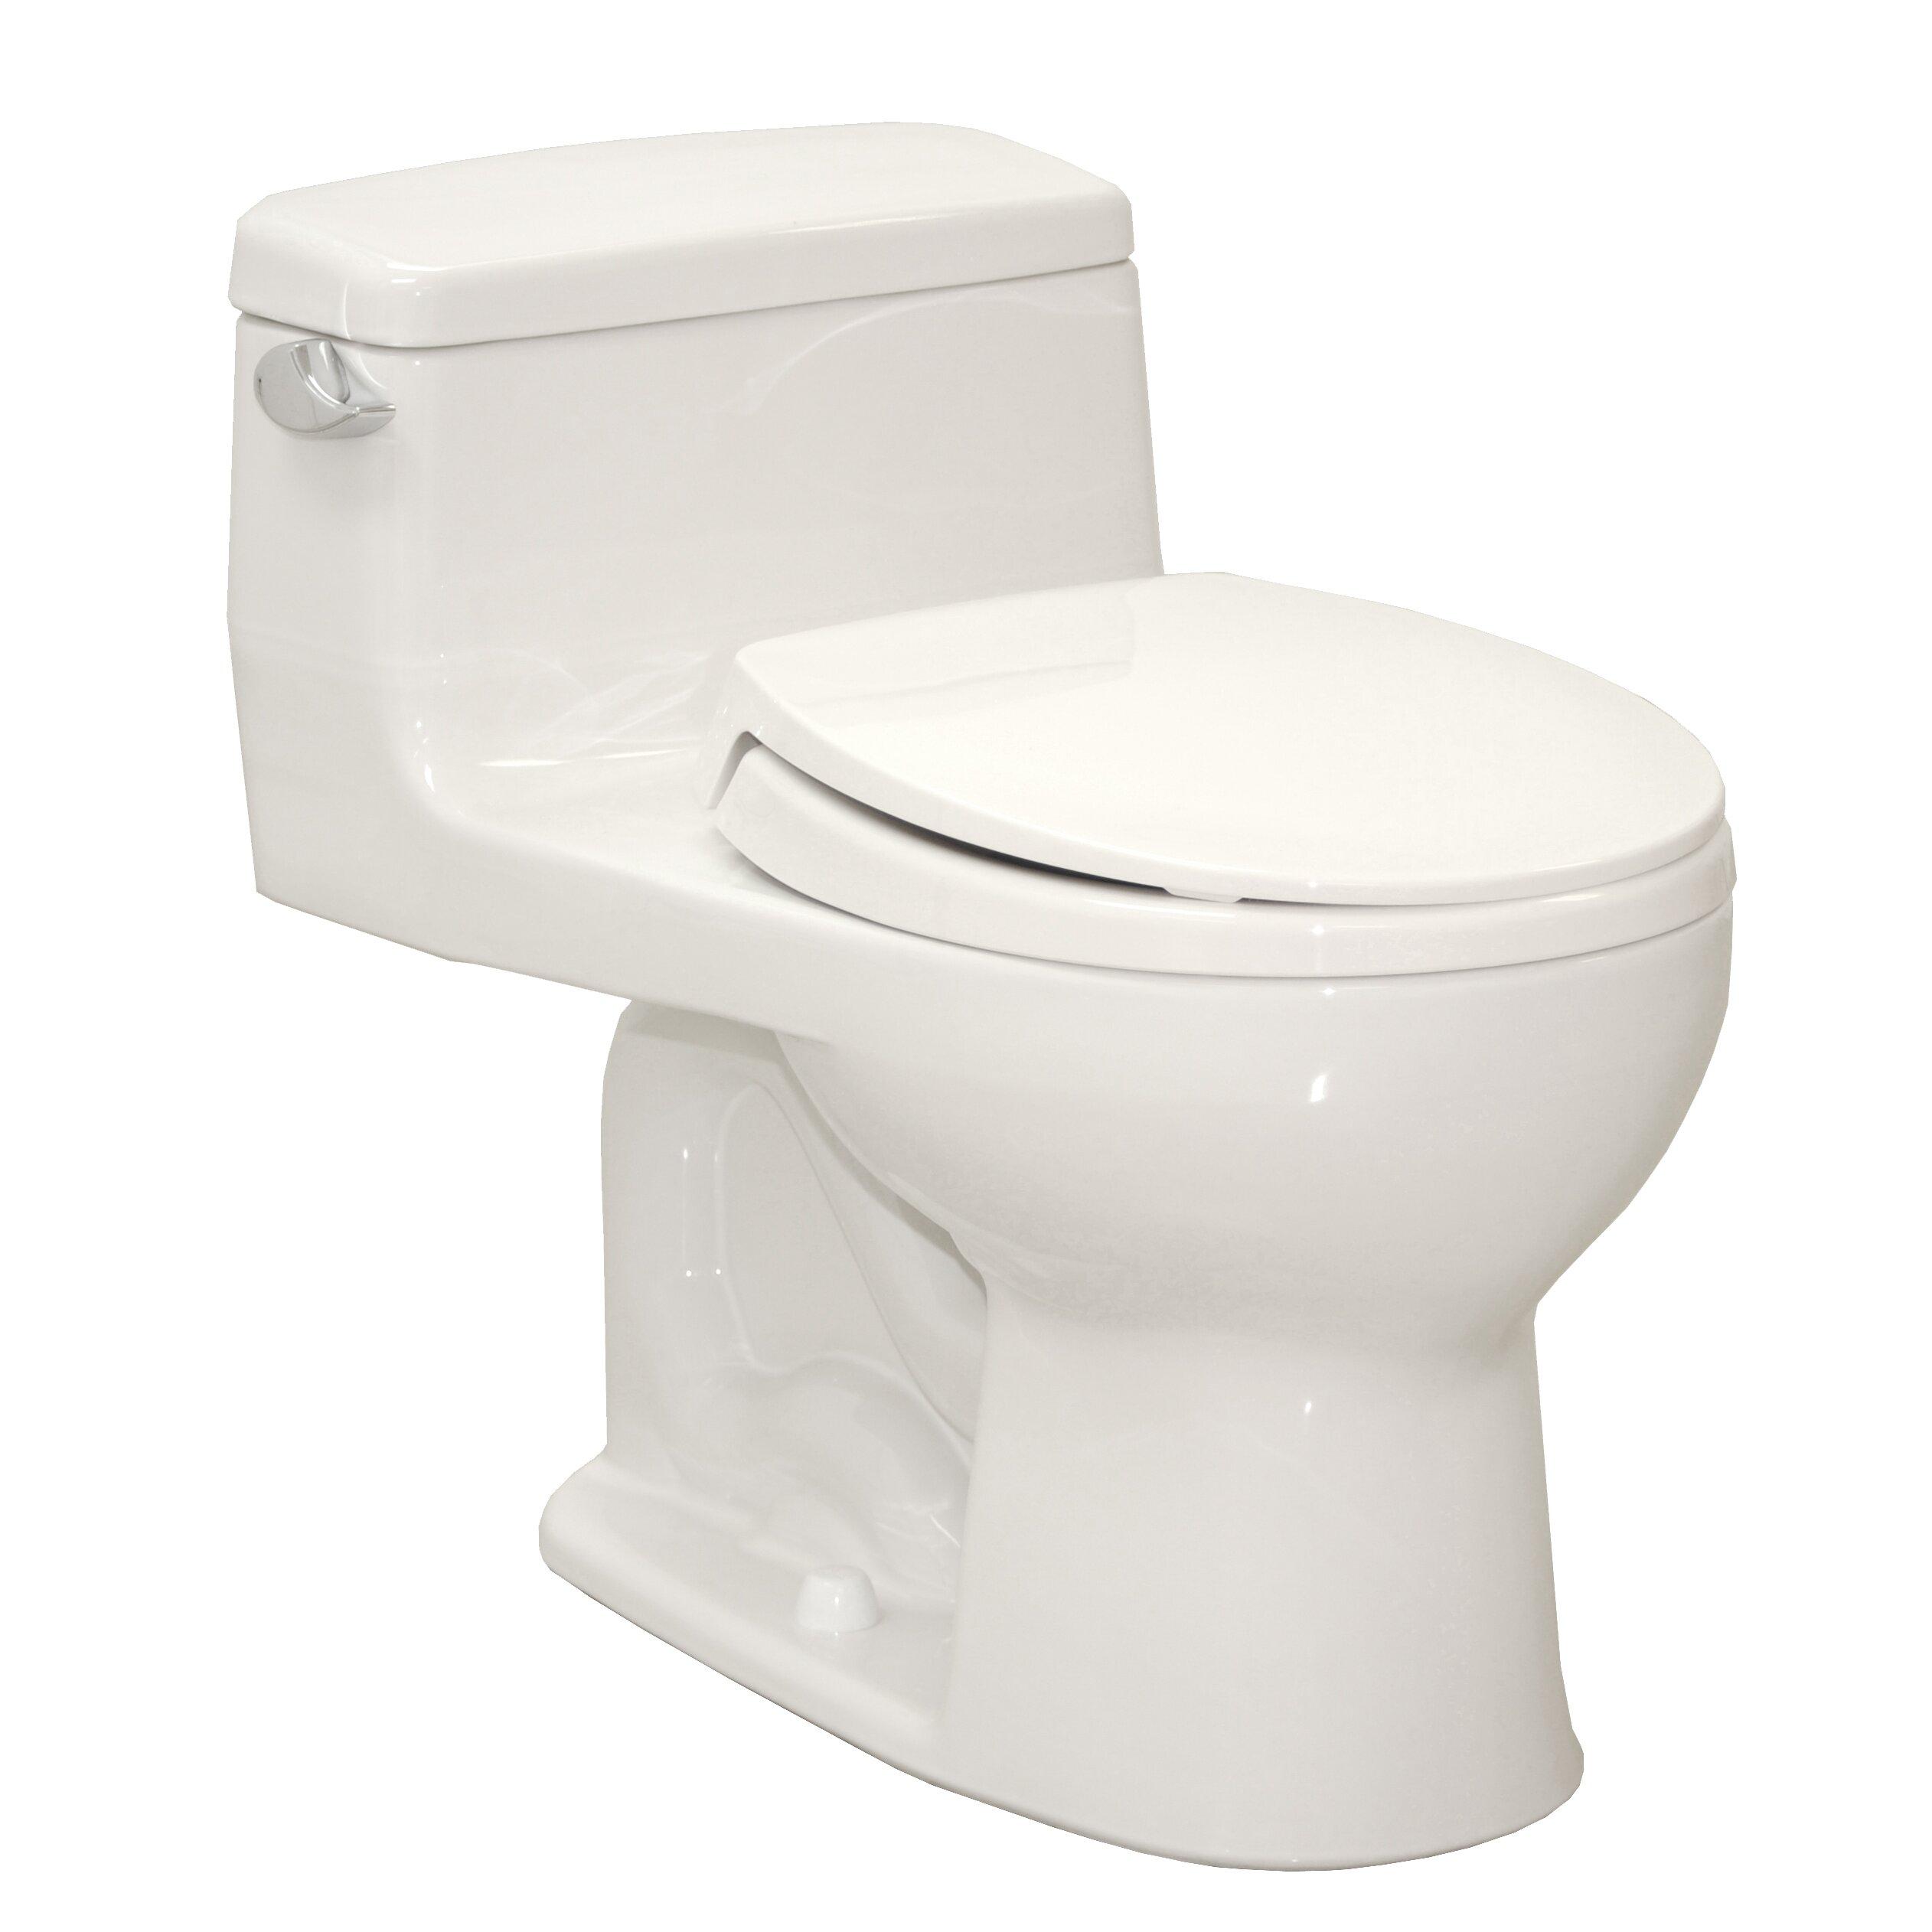 Toto Supreme Eco  GPF Round OnePiece Toilet  Reviews Wayfair - Toto japanese toilet seat